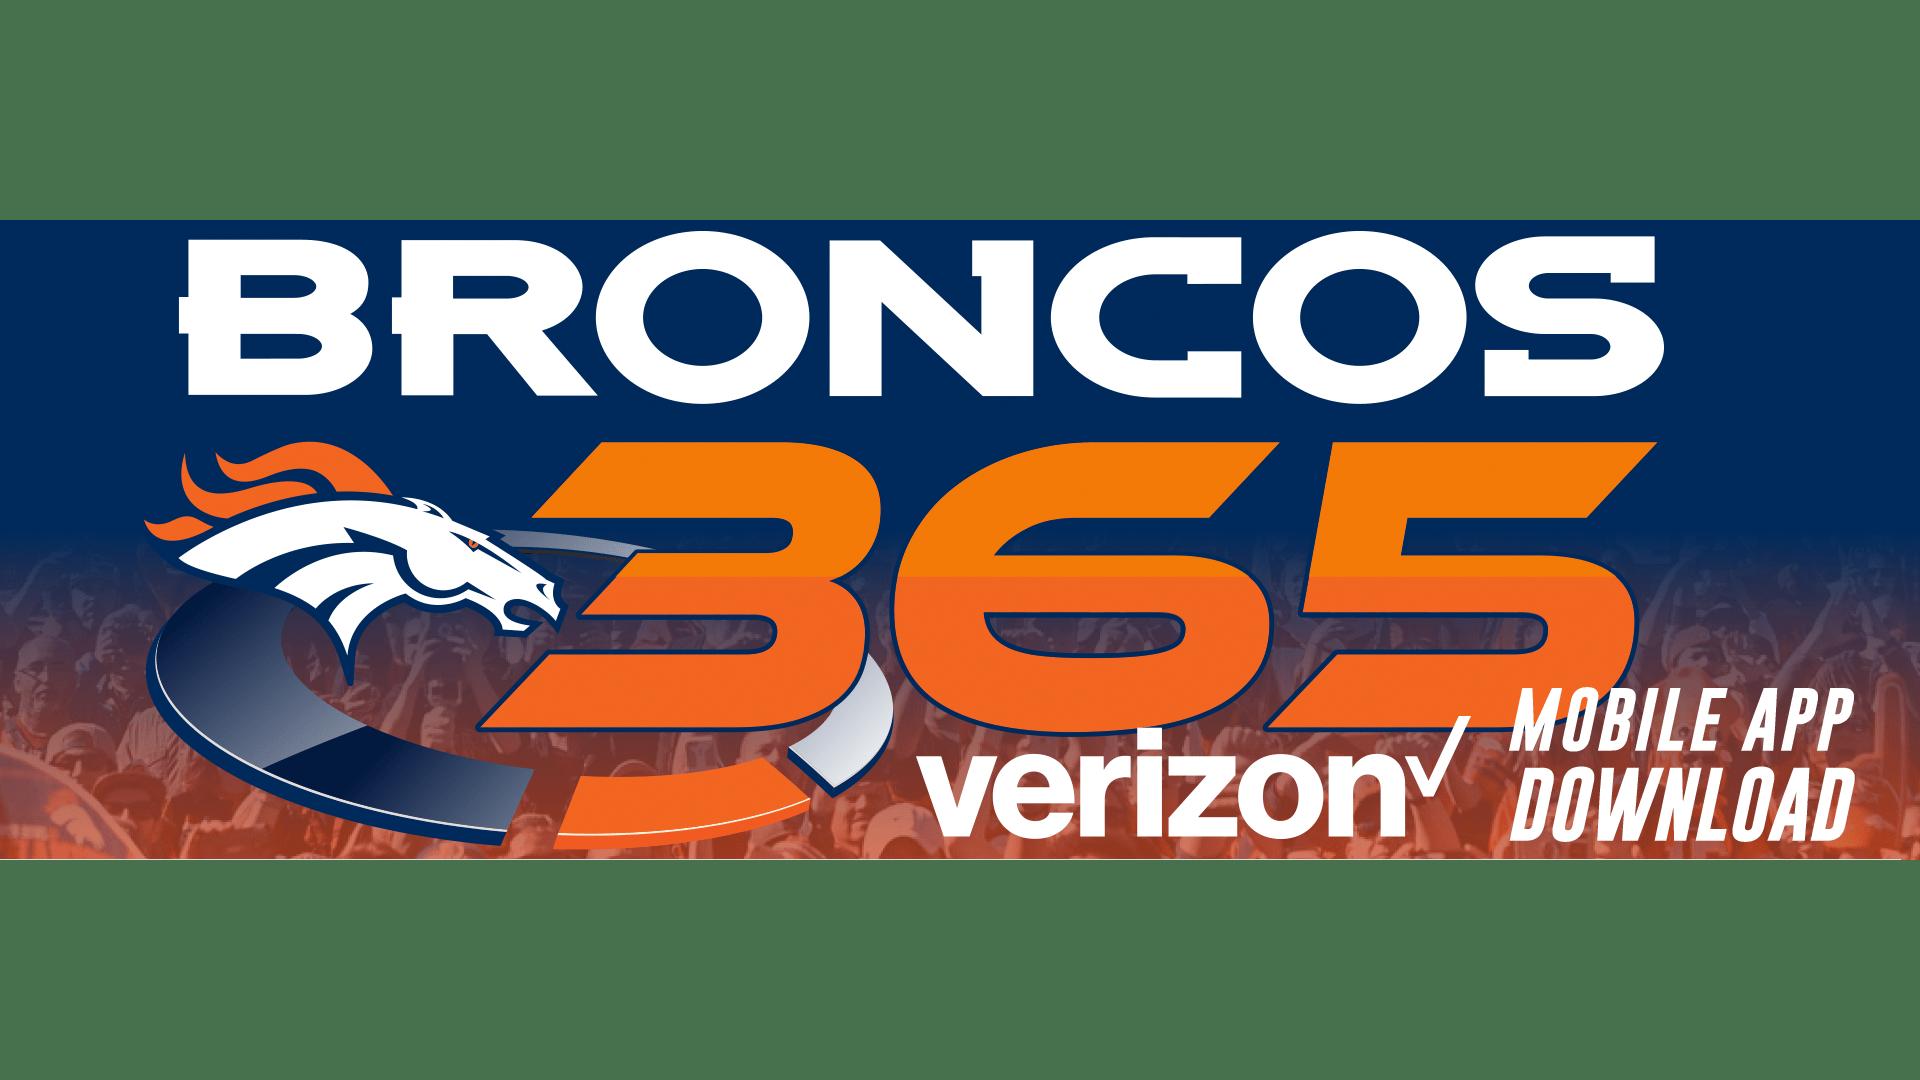 Broncos 365